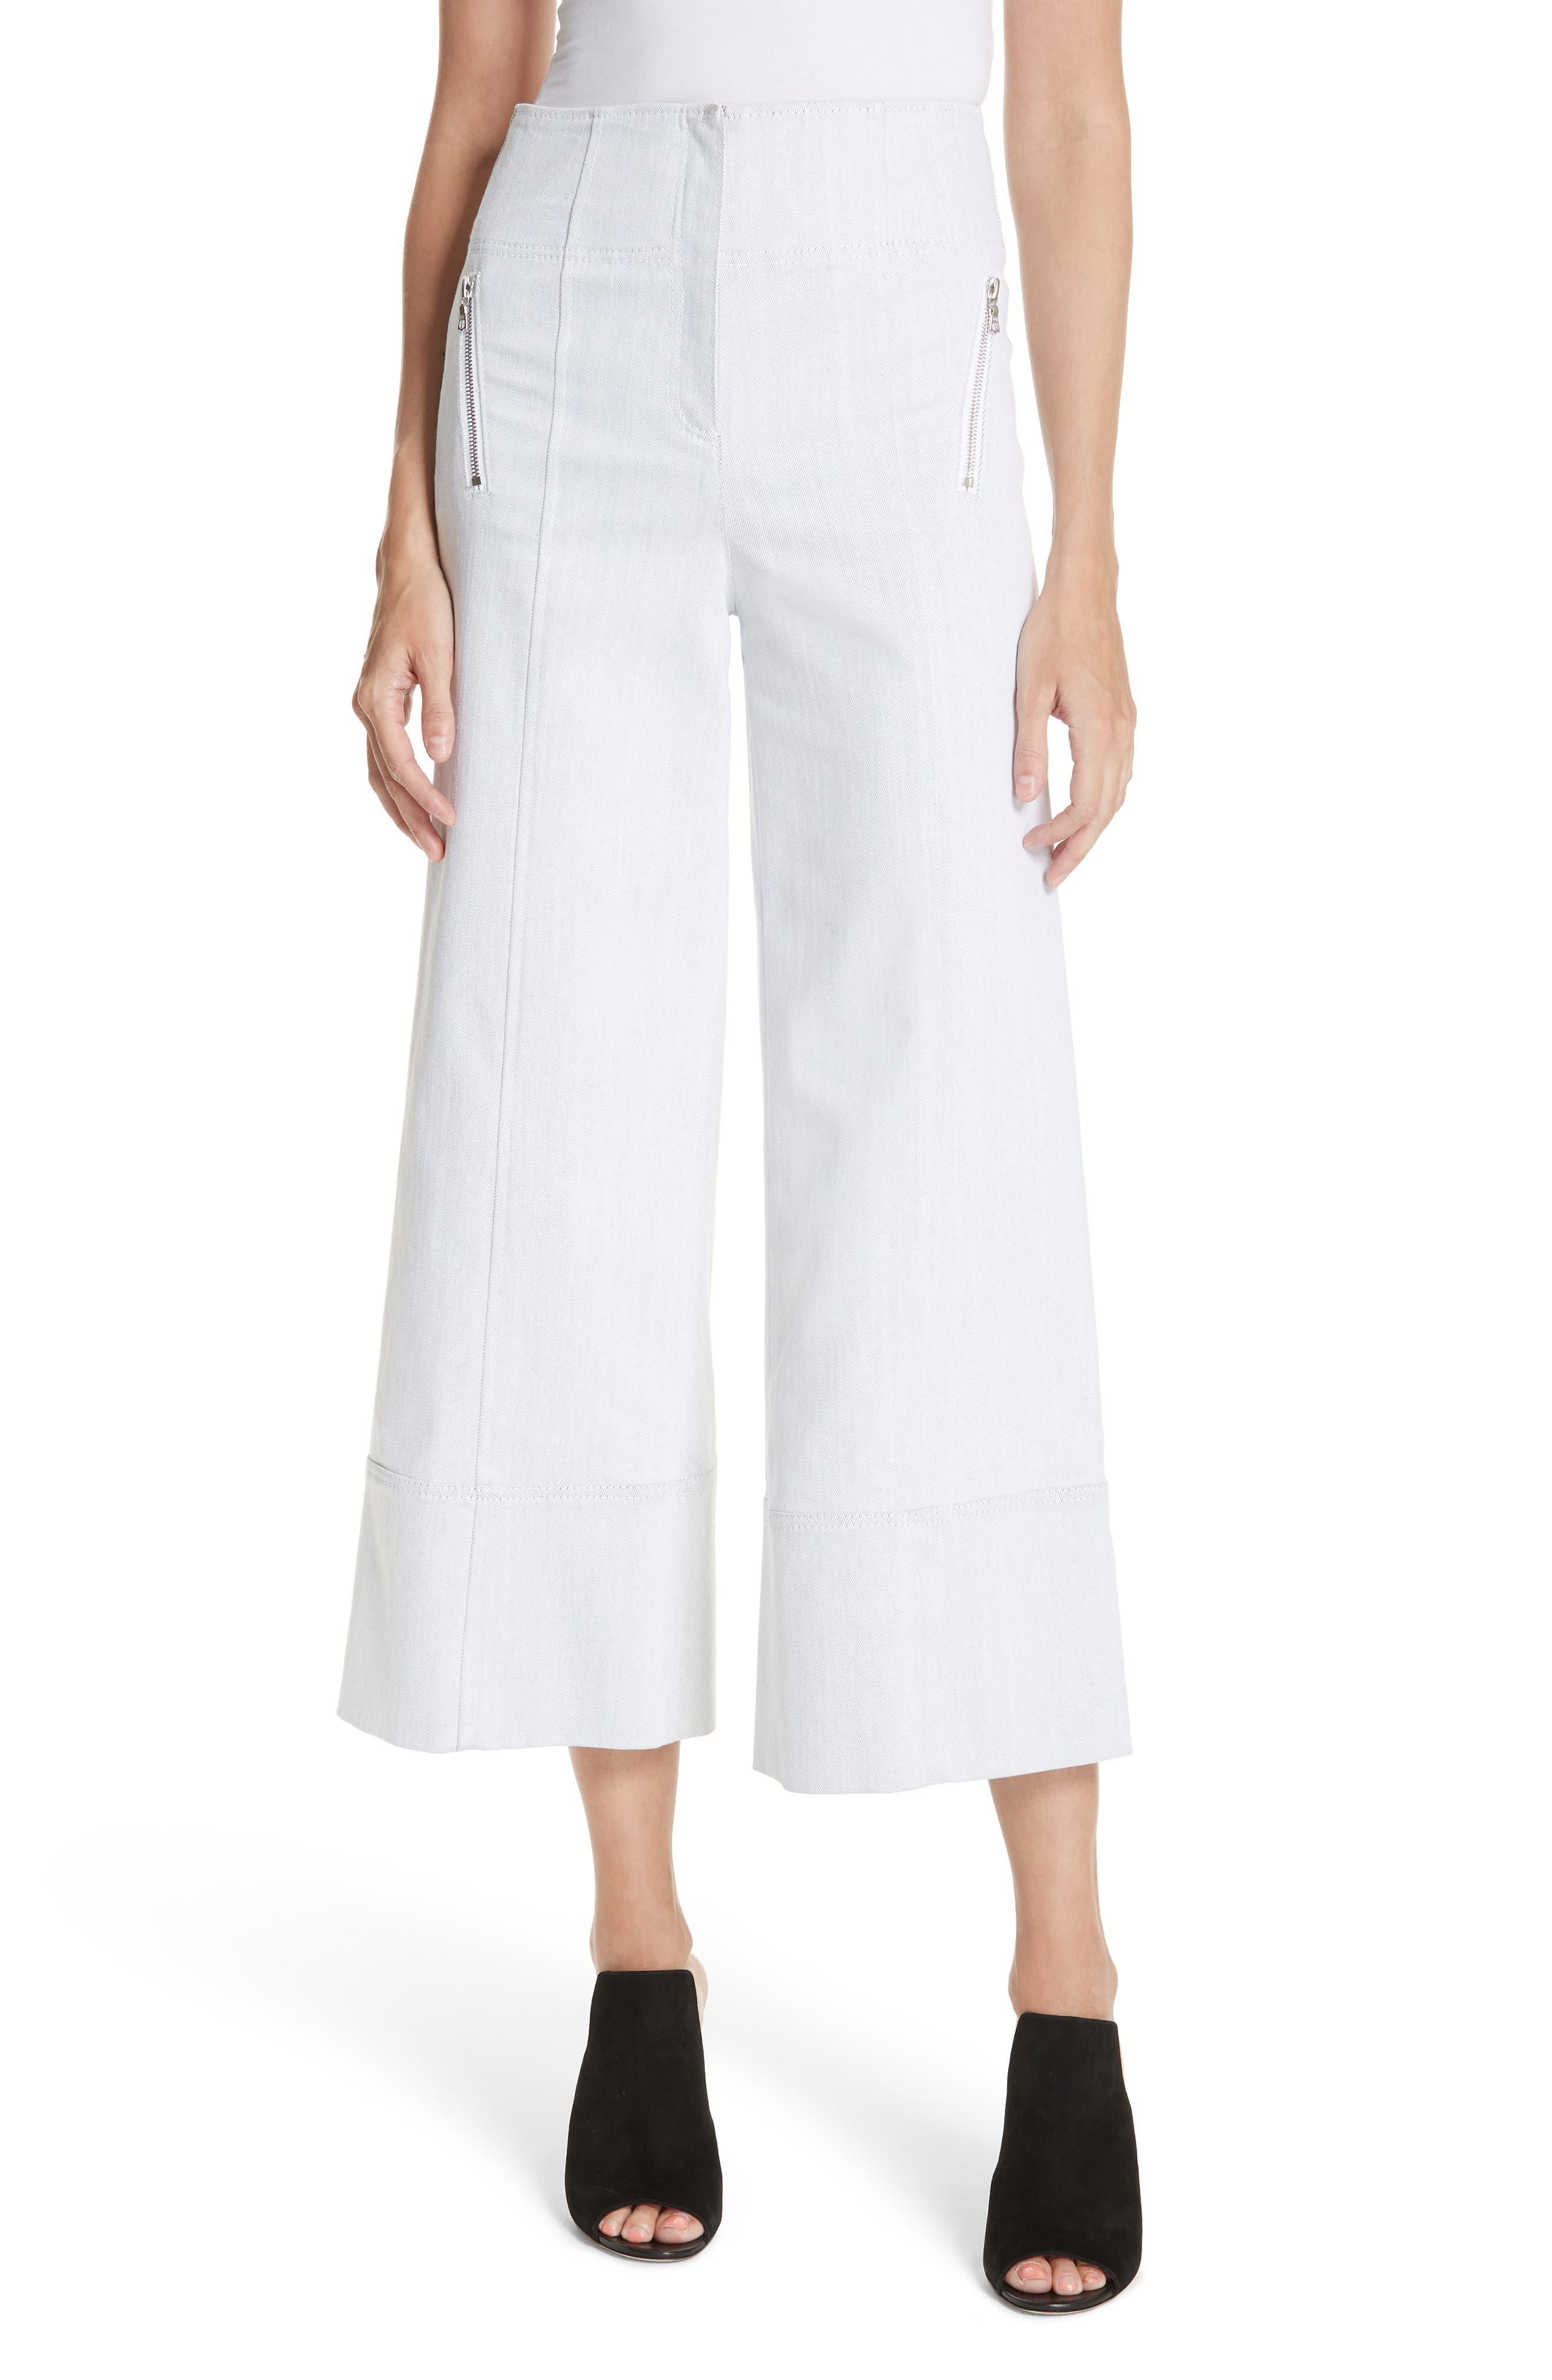 Marla Wide Leg Pants,                             Main thumbnail 1, color,                             100